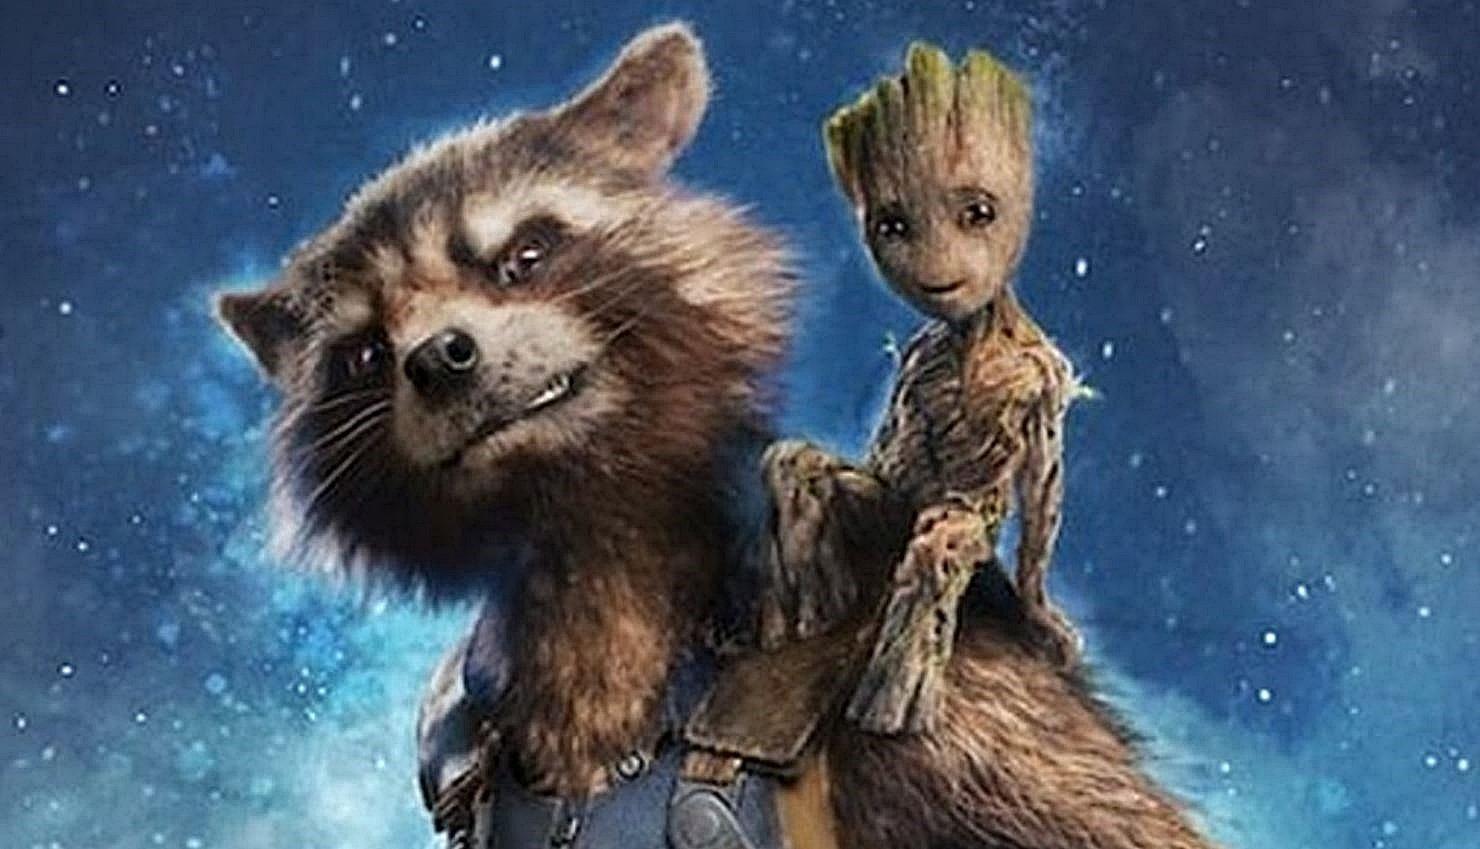 rocket-raccoon-groot-disney-plus.jpg